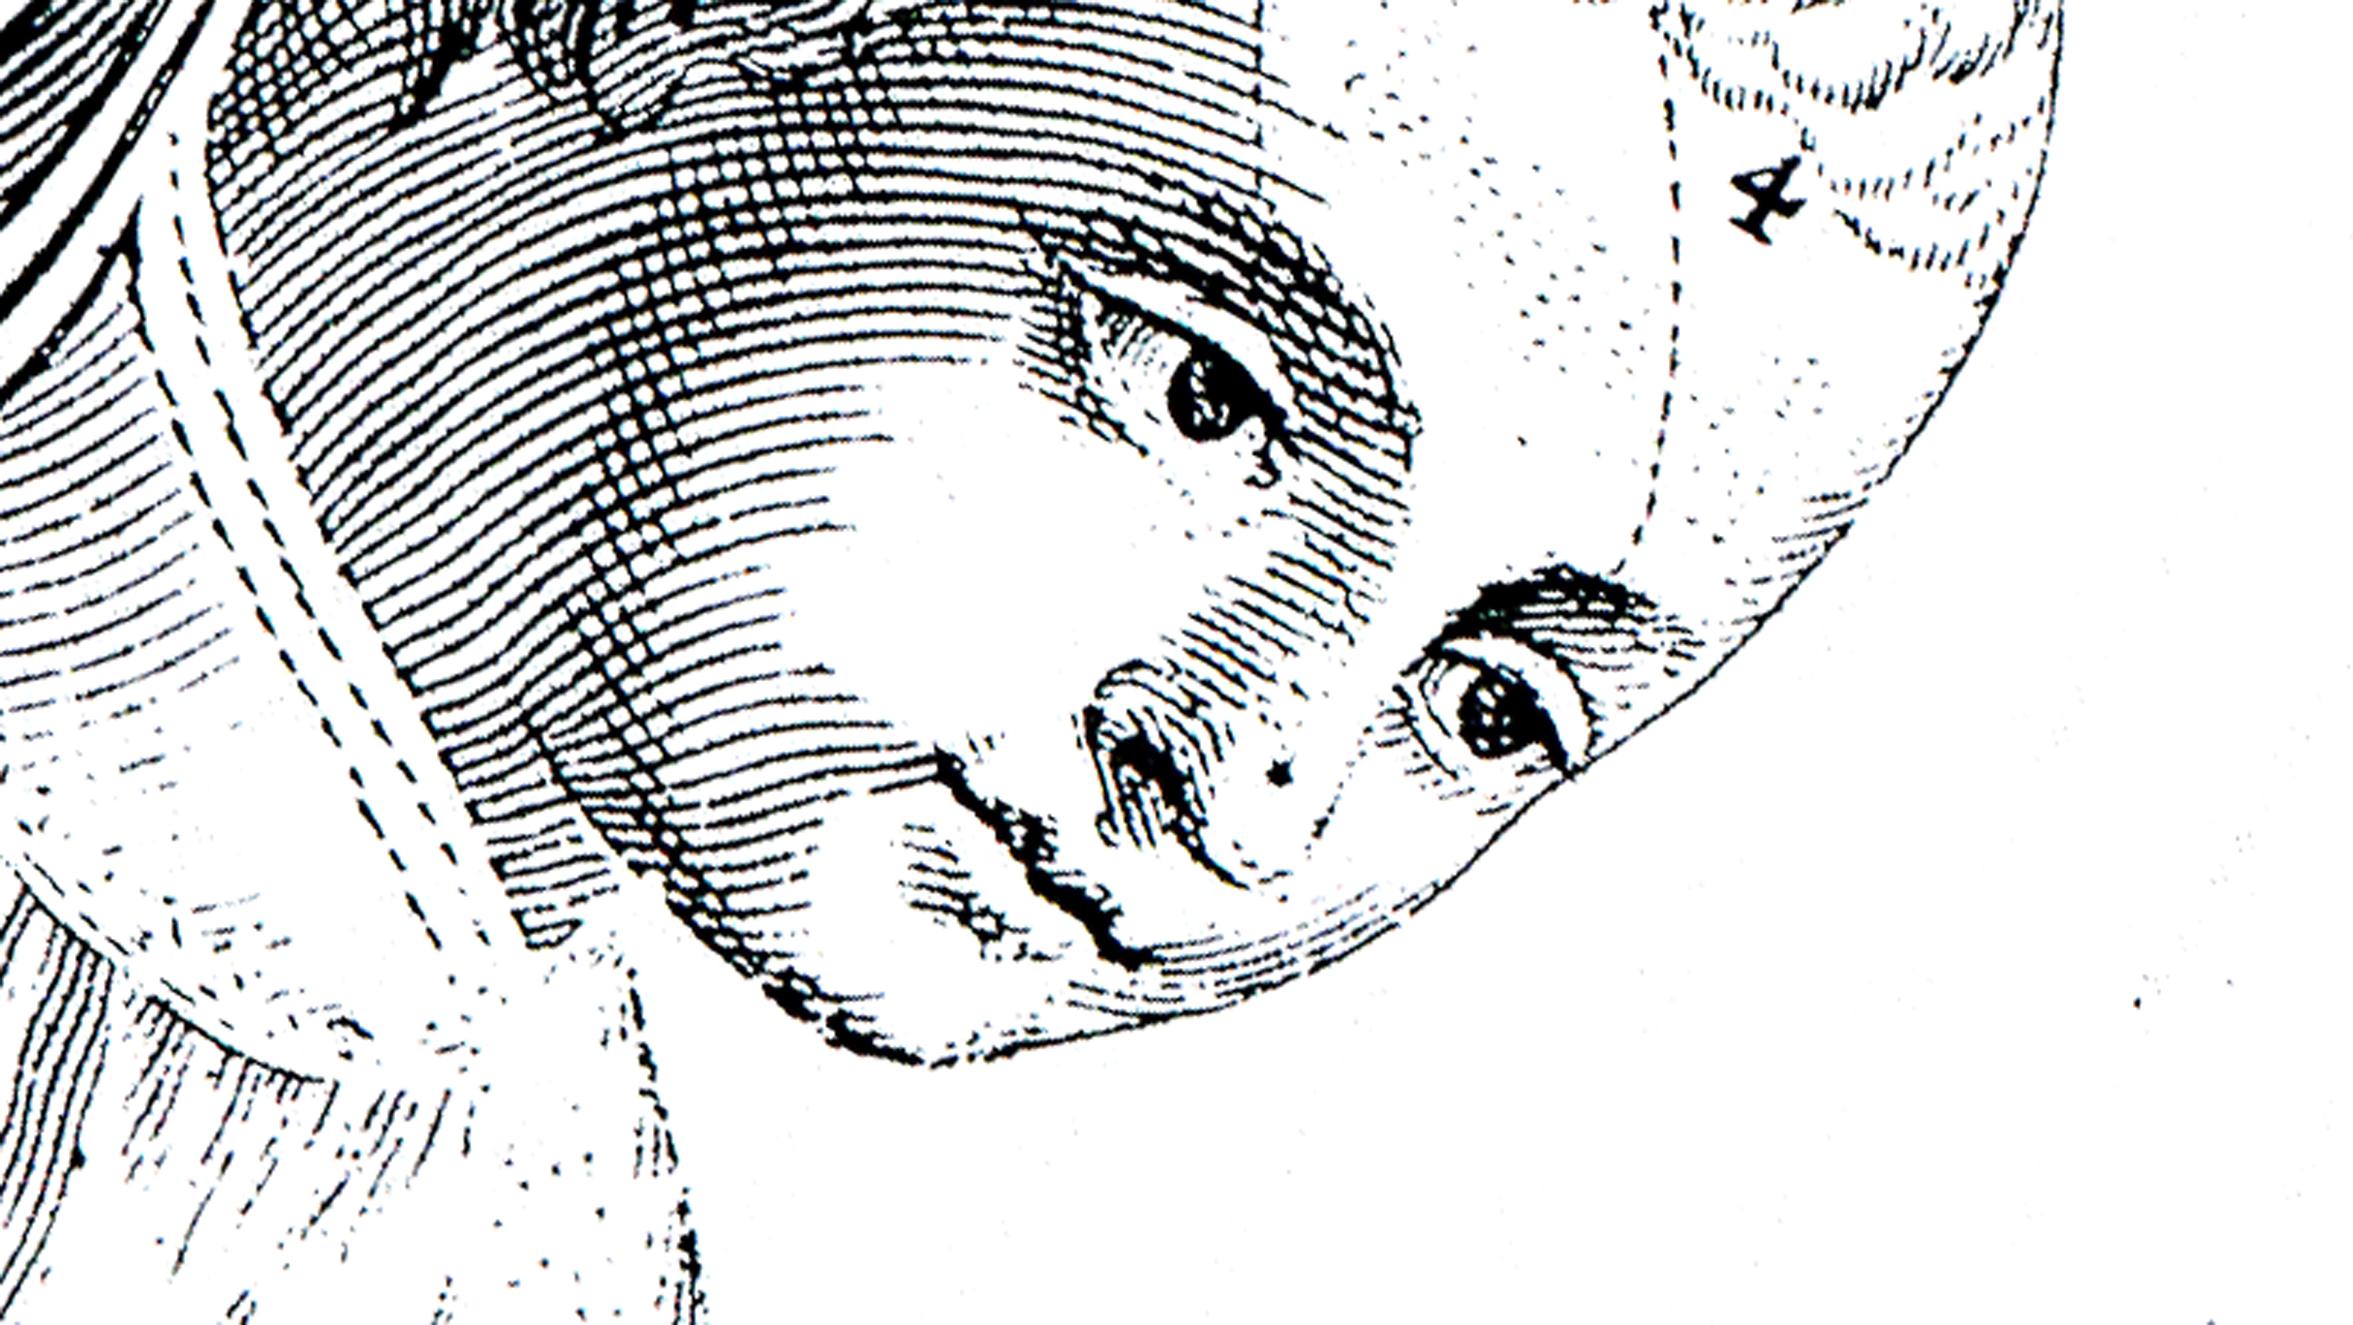 Giovanni Fontana - Nodi del tempo ESCAPE='HTML'